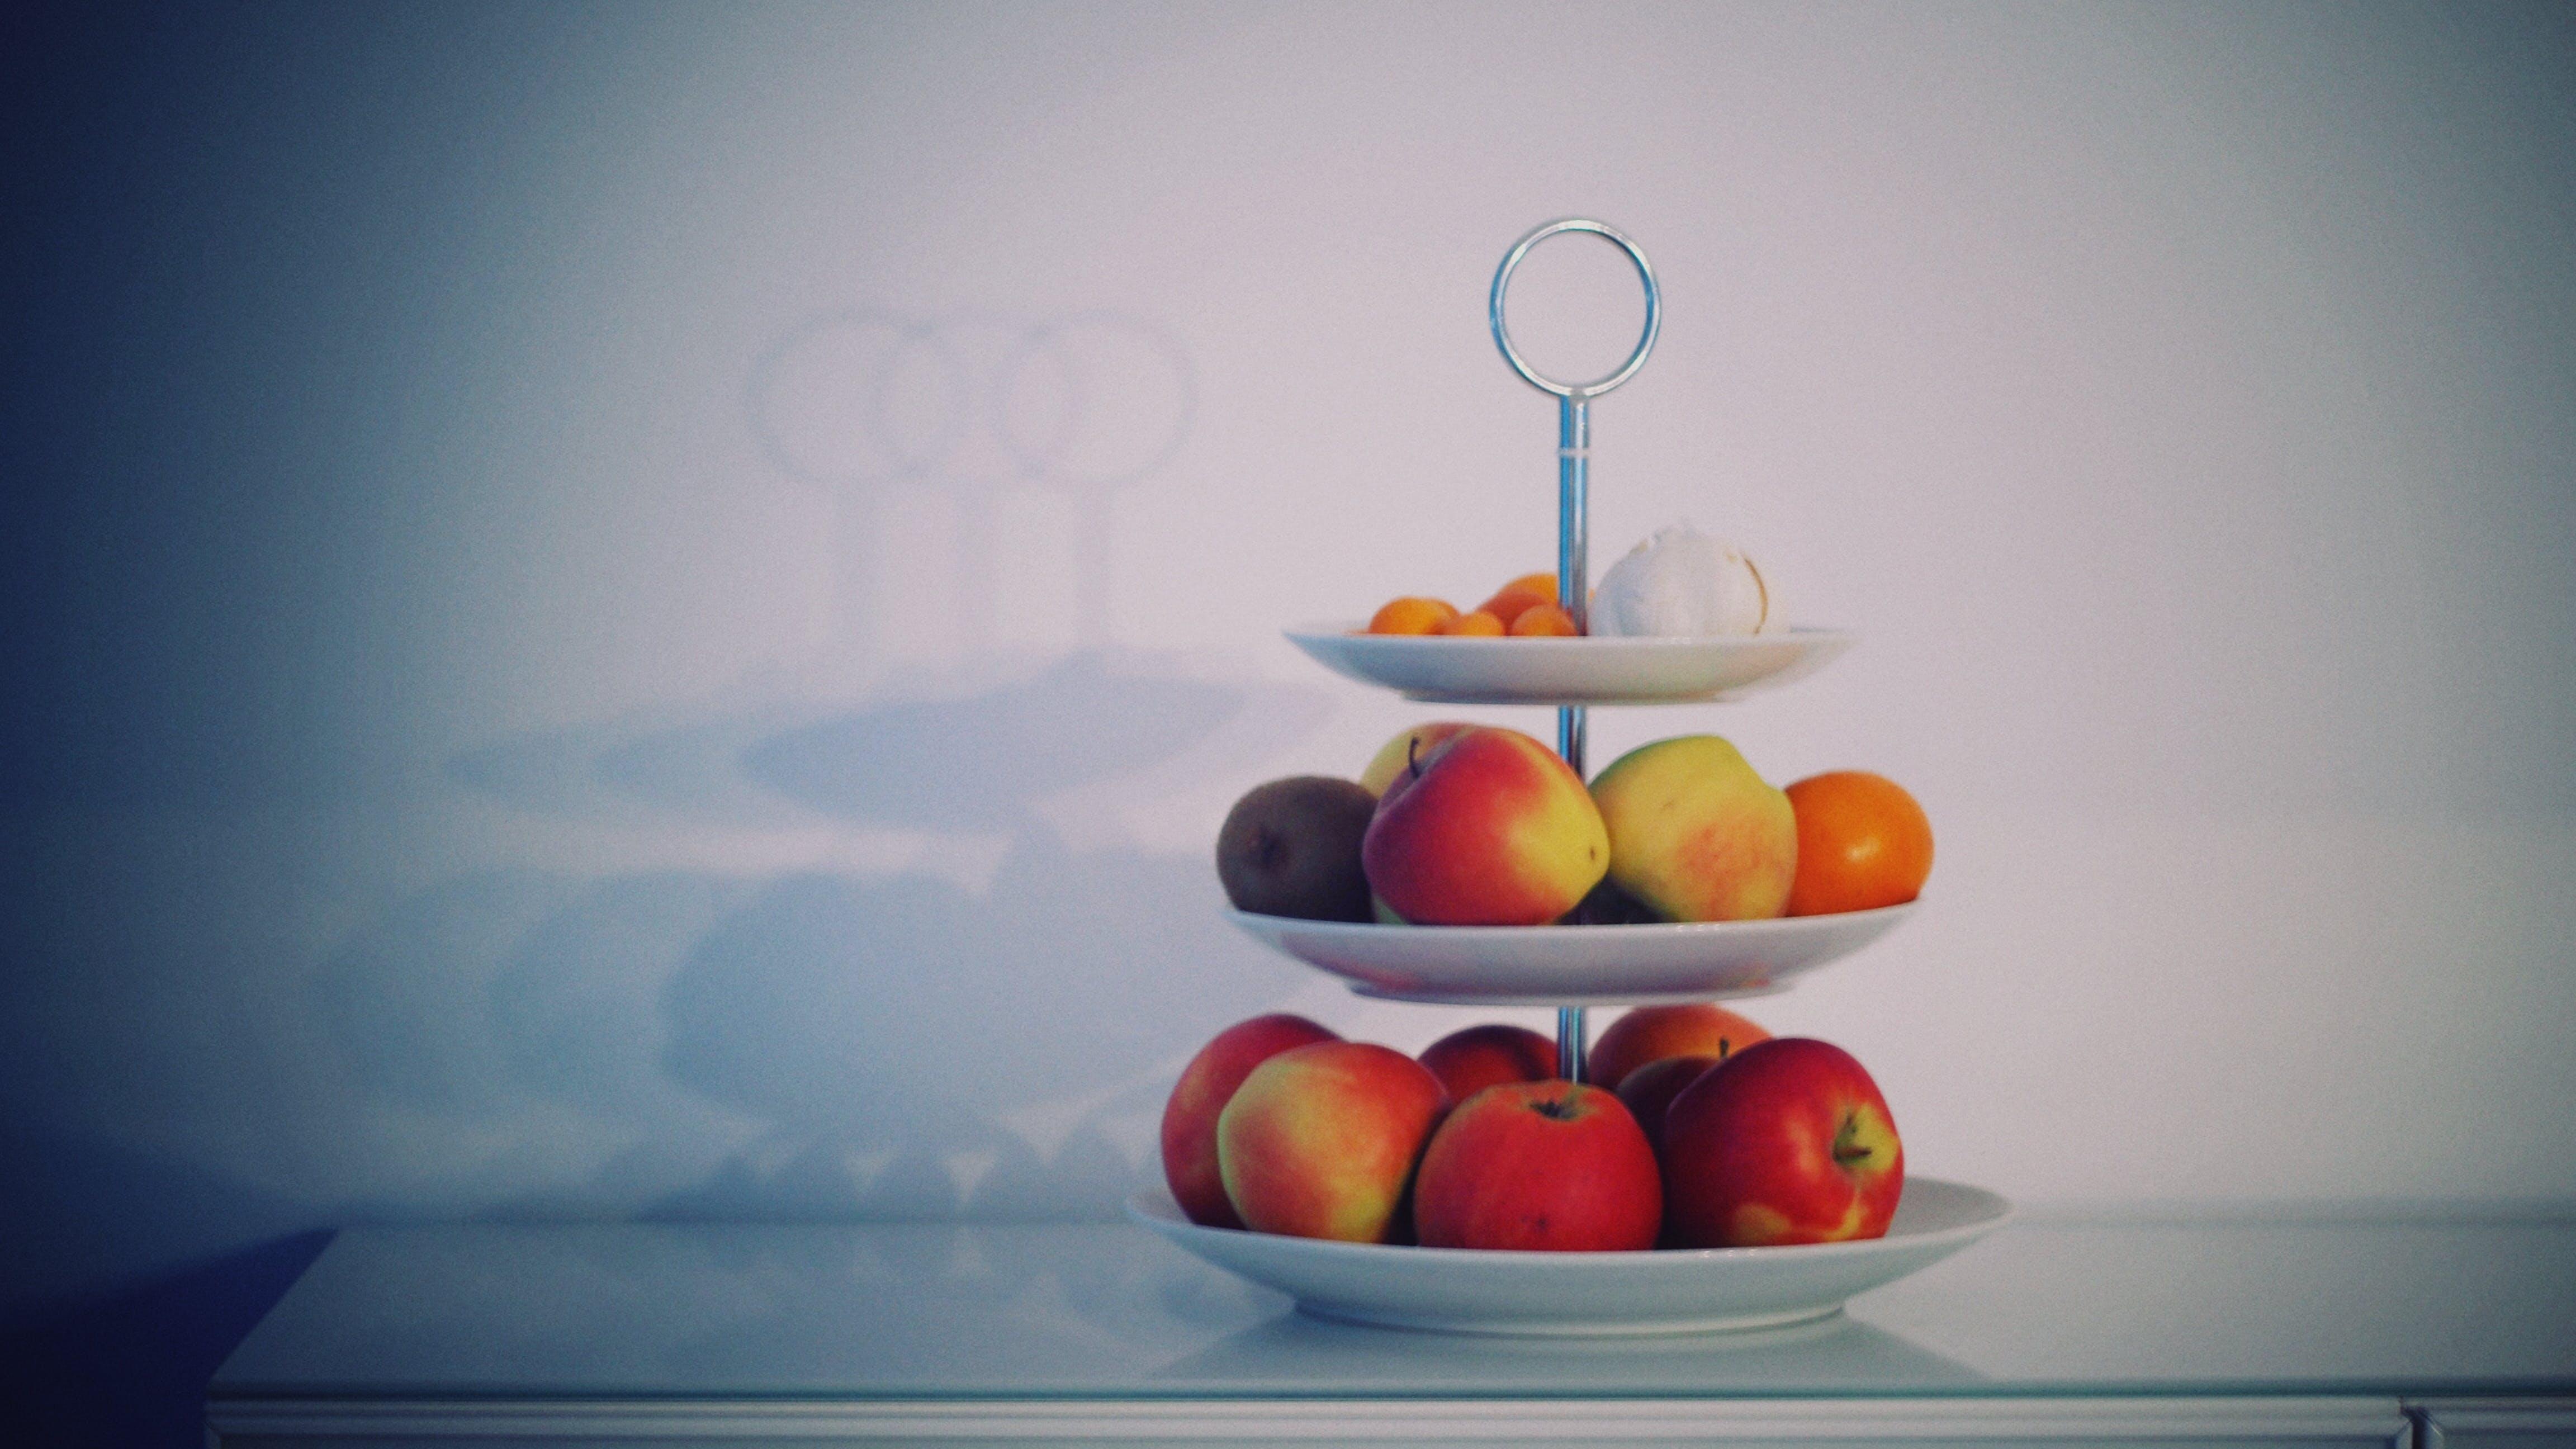 Free stock photo of fruit, fruits